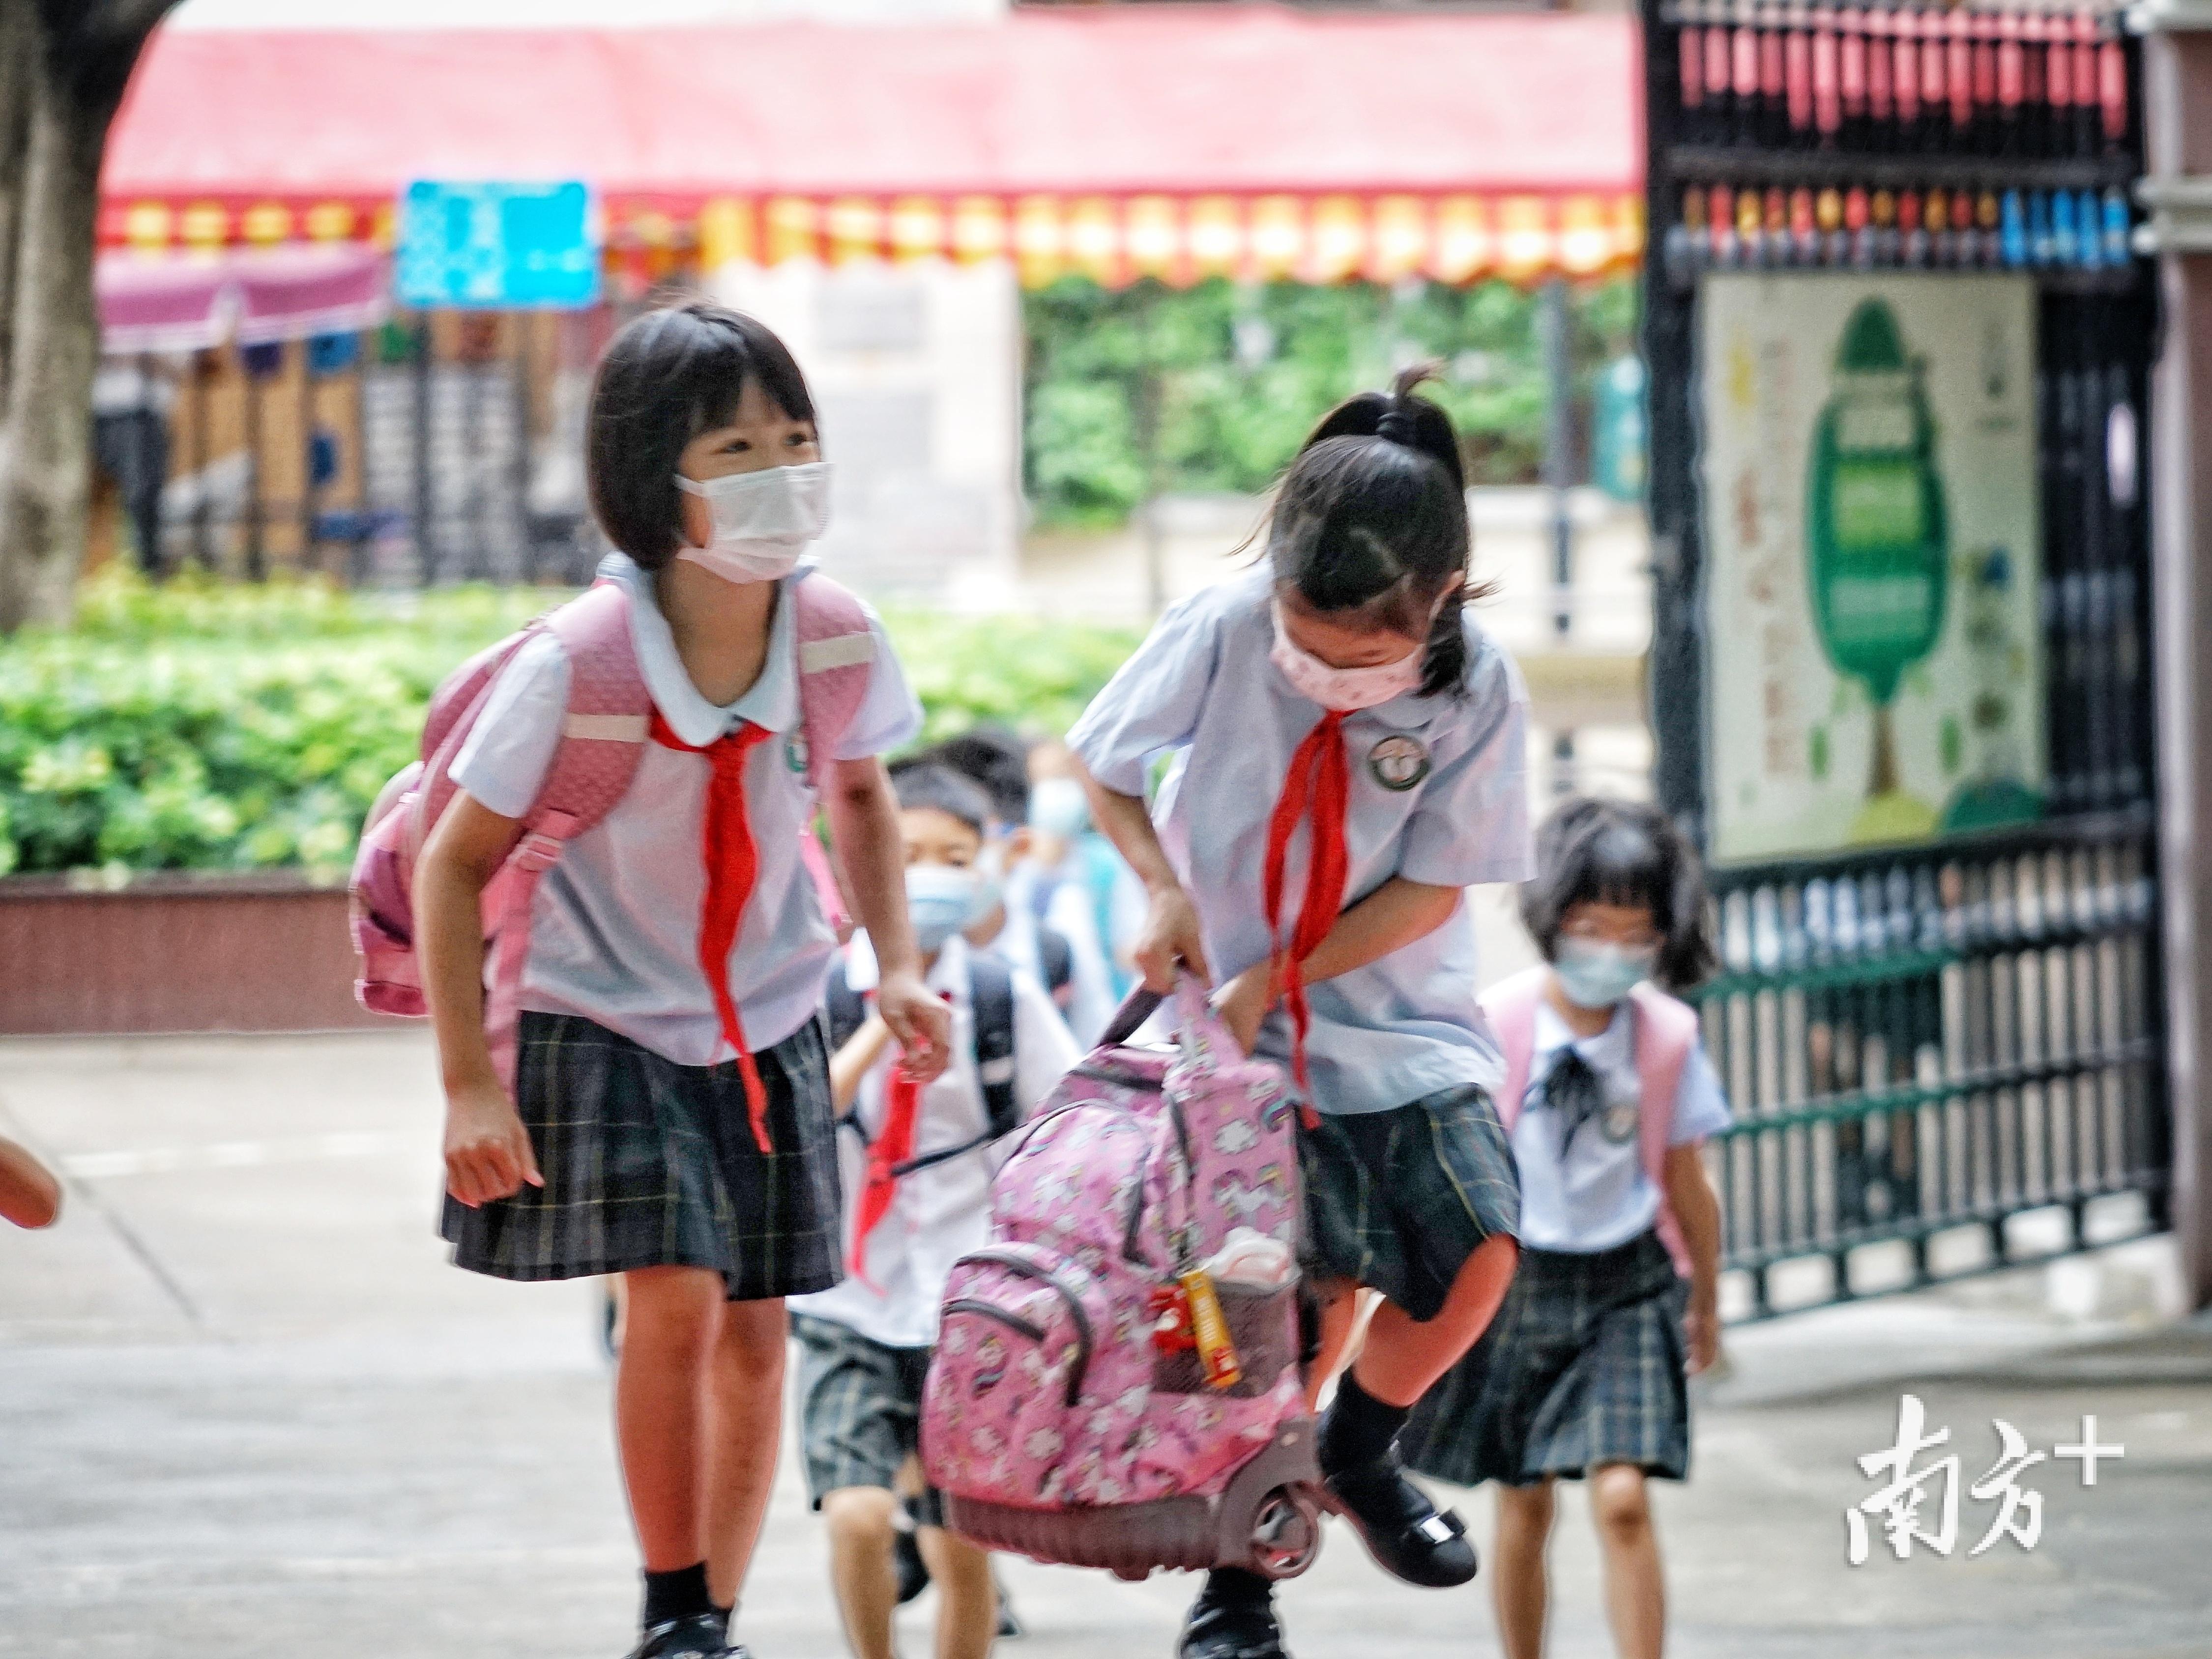 返校的小学生,拎着装有书本的背包。